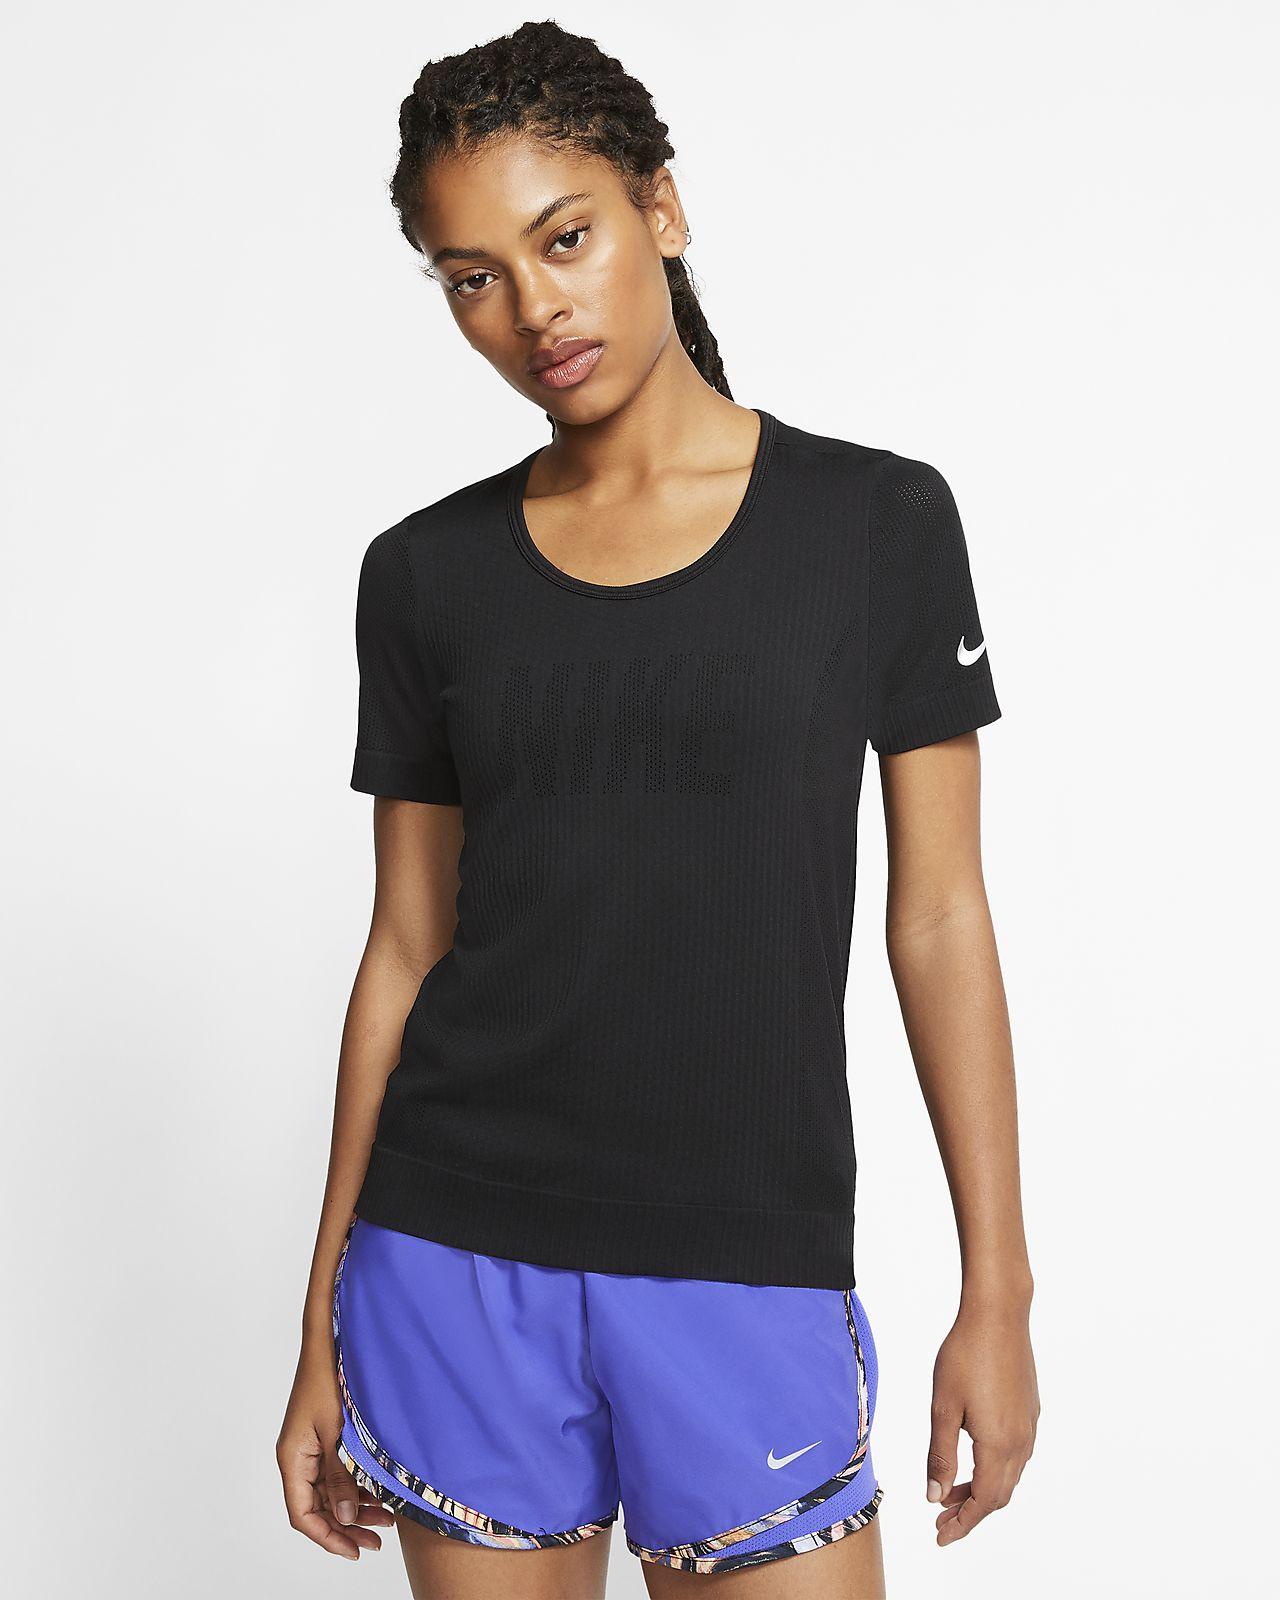 Nike Infinite-løbetop til kvinder